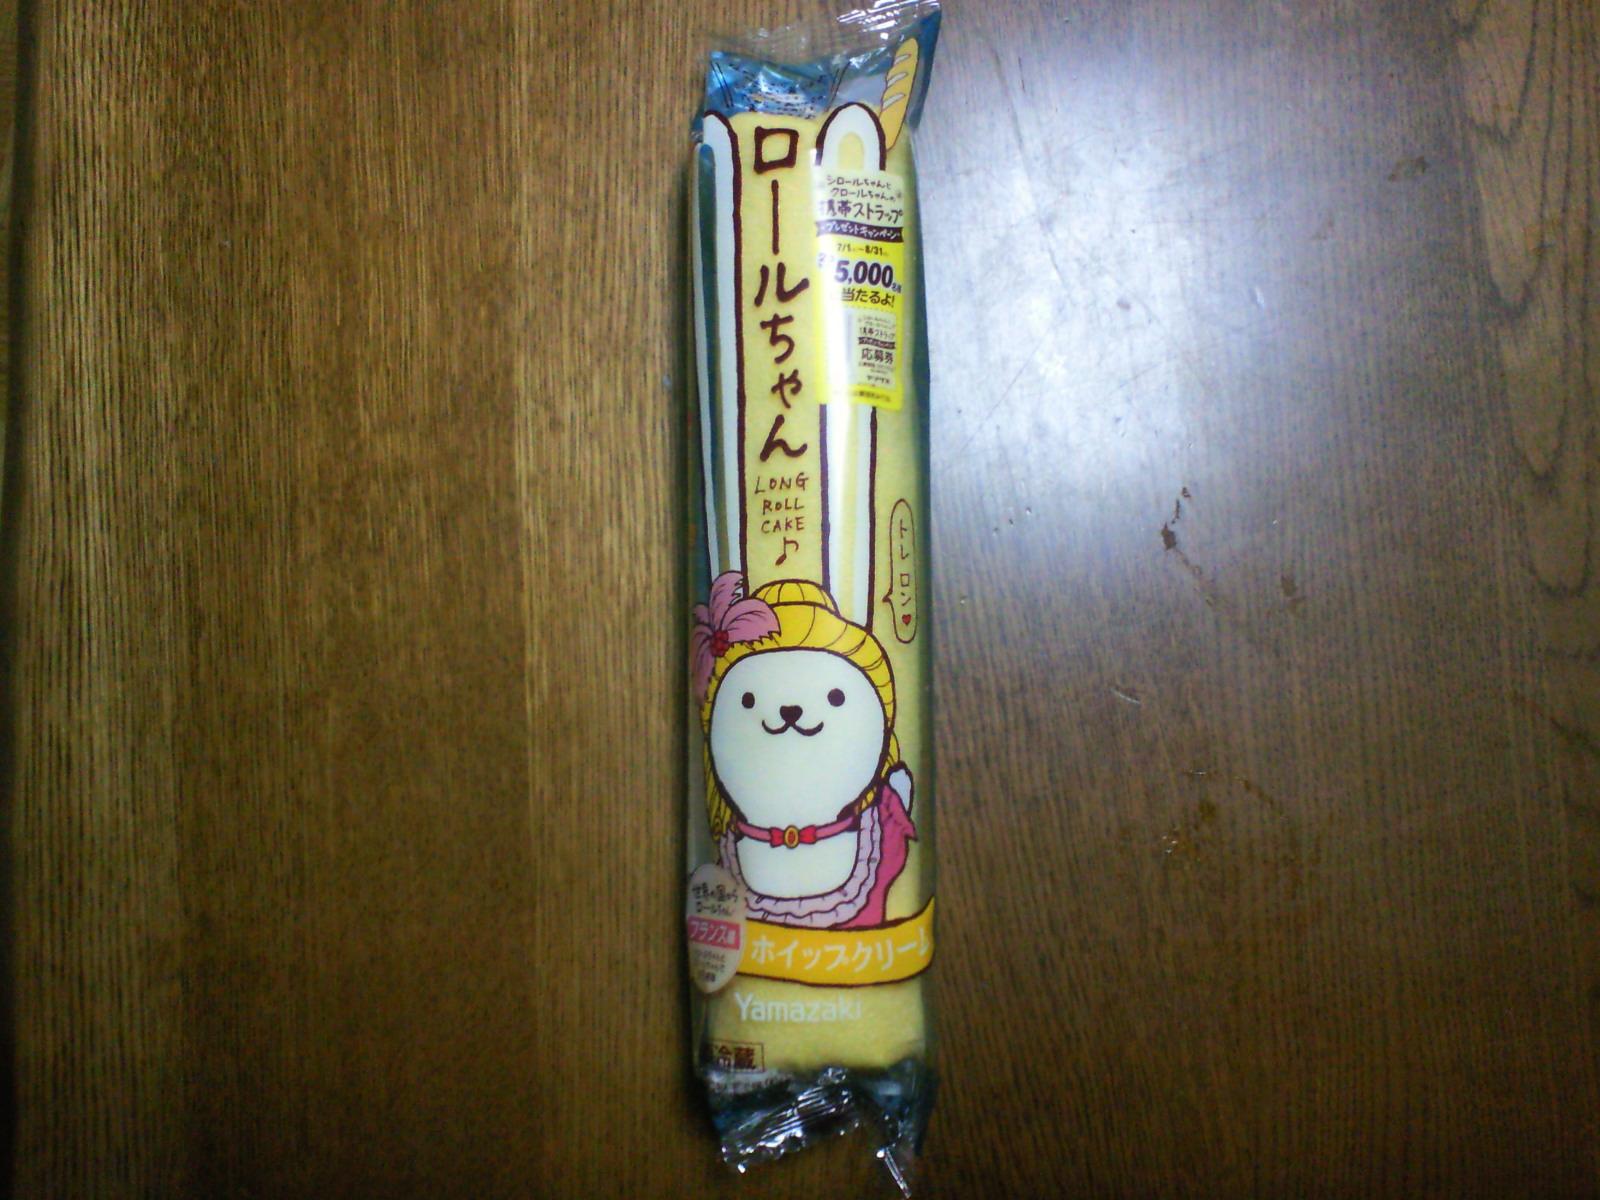 非提供:山崎製パン株式会社_c0001670_2204162.jpg